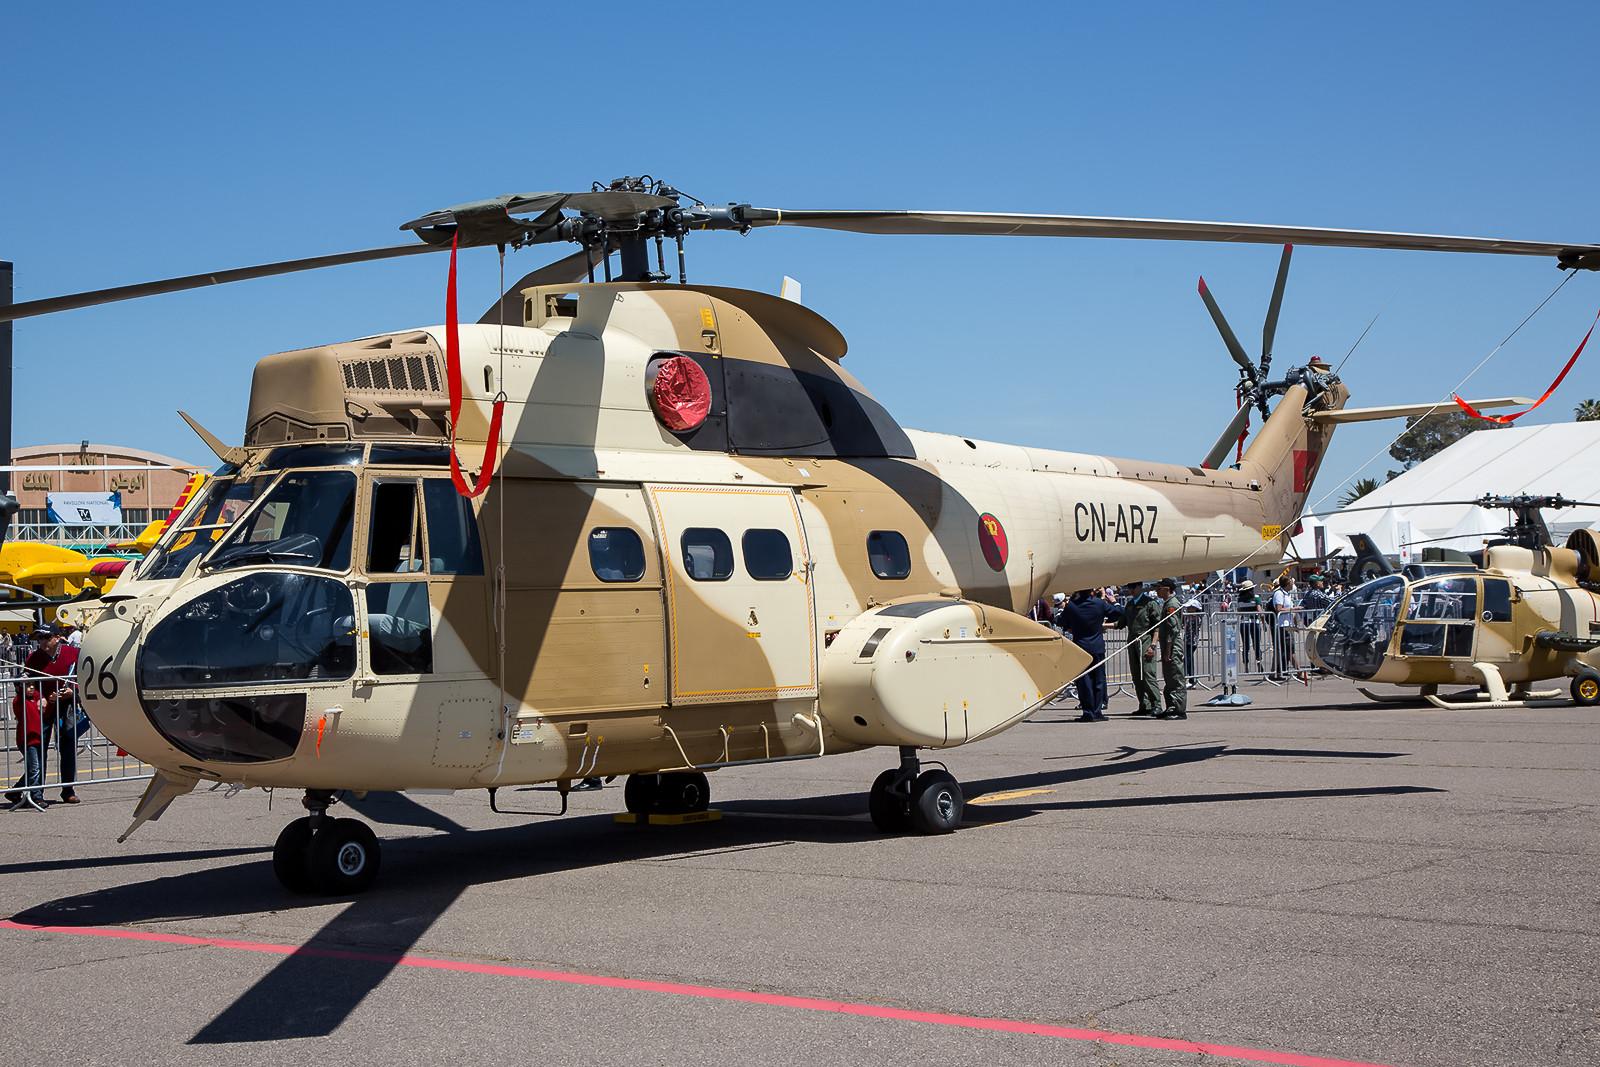 Auch die Pumas der Luftwaffe haben Sandfilter vor den Triebwerkseinläufen.